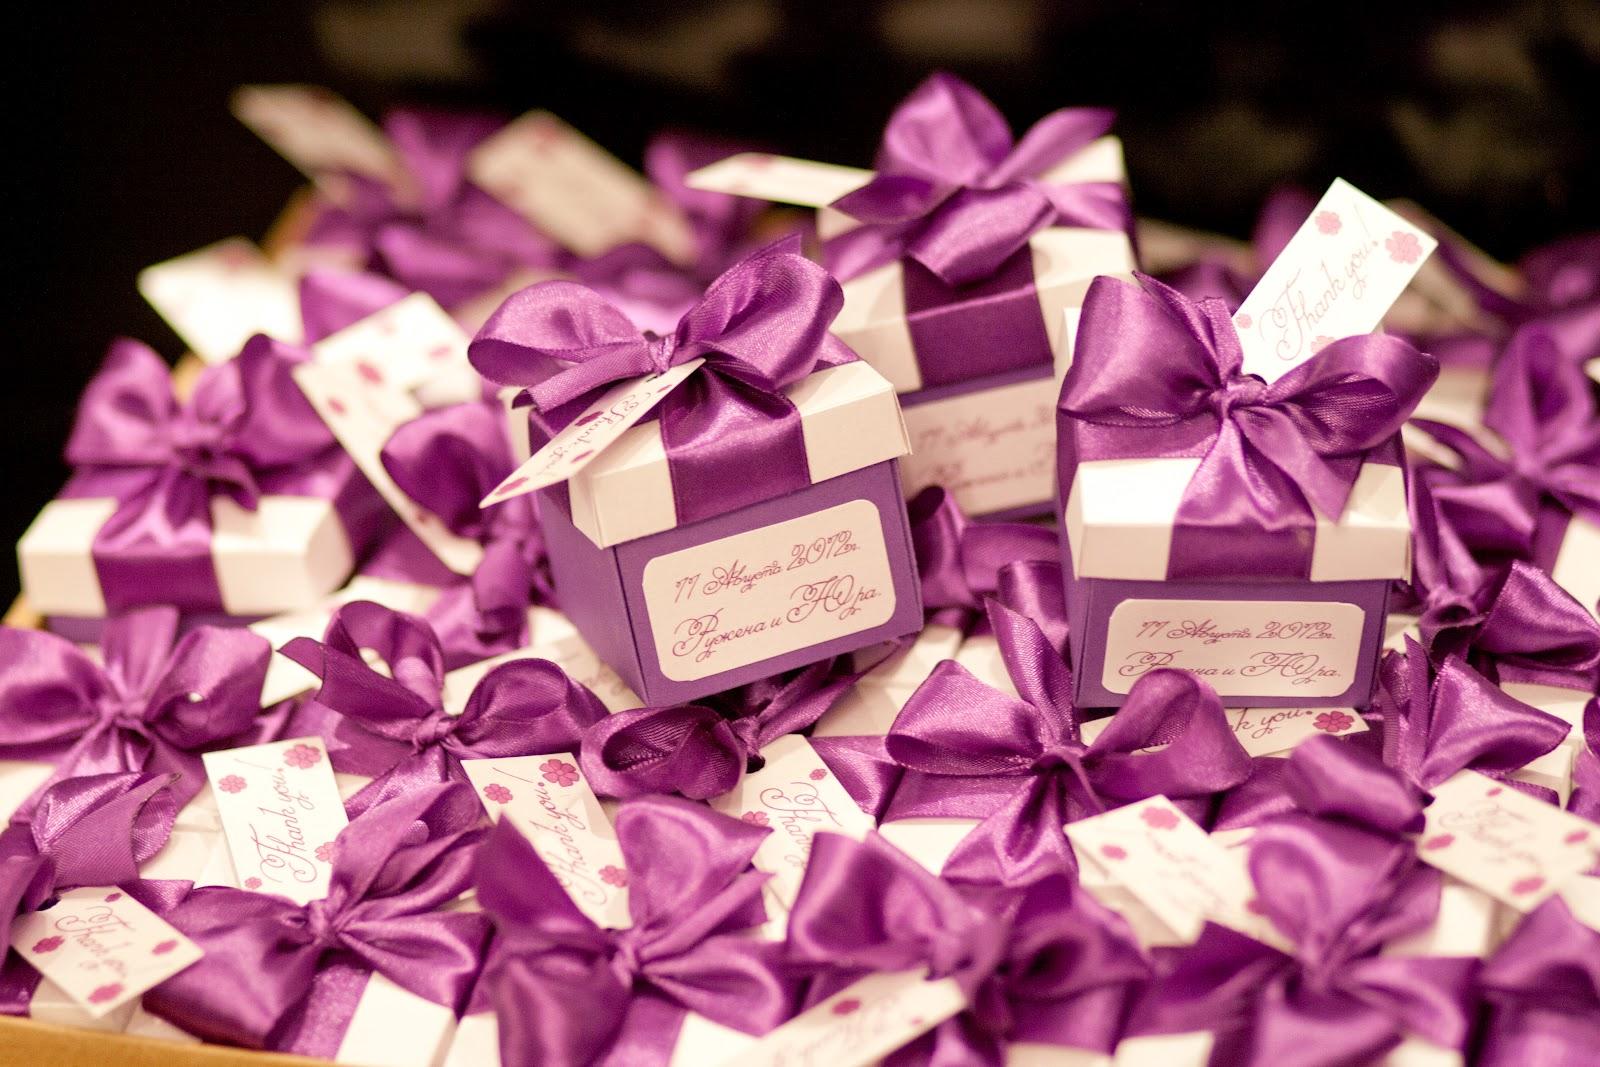 Подарки гостям на свадьбе: что подарить и как удивить своих гостей 45